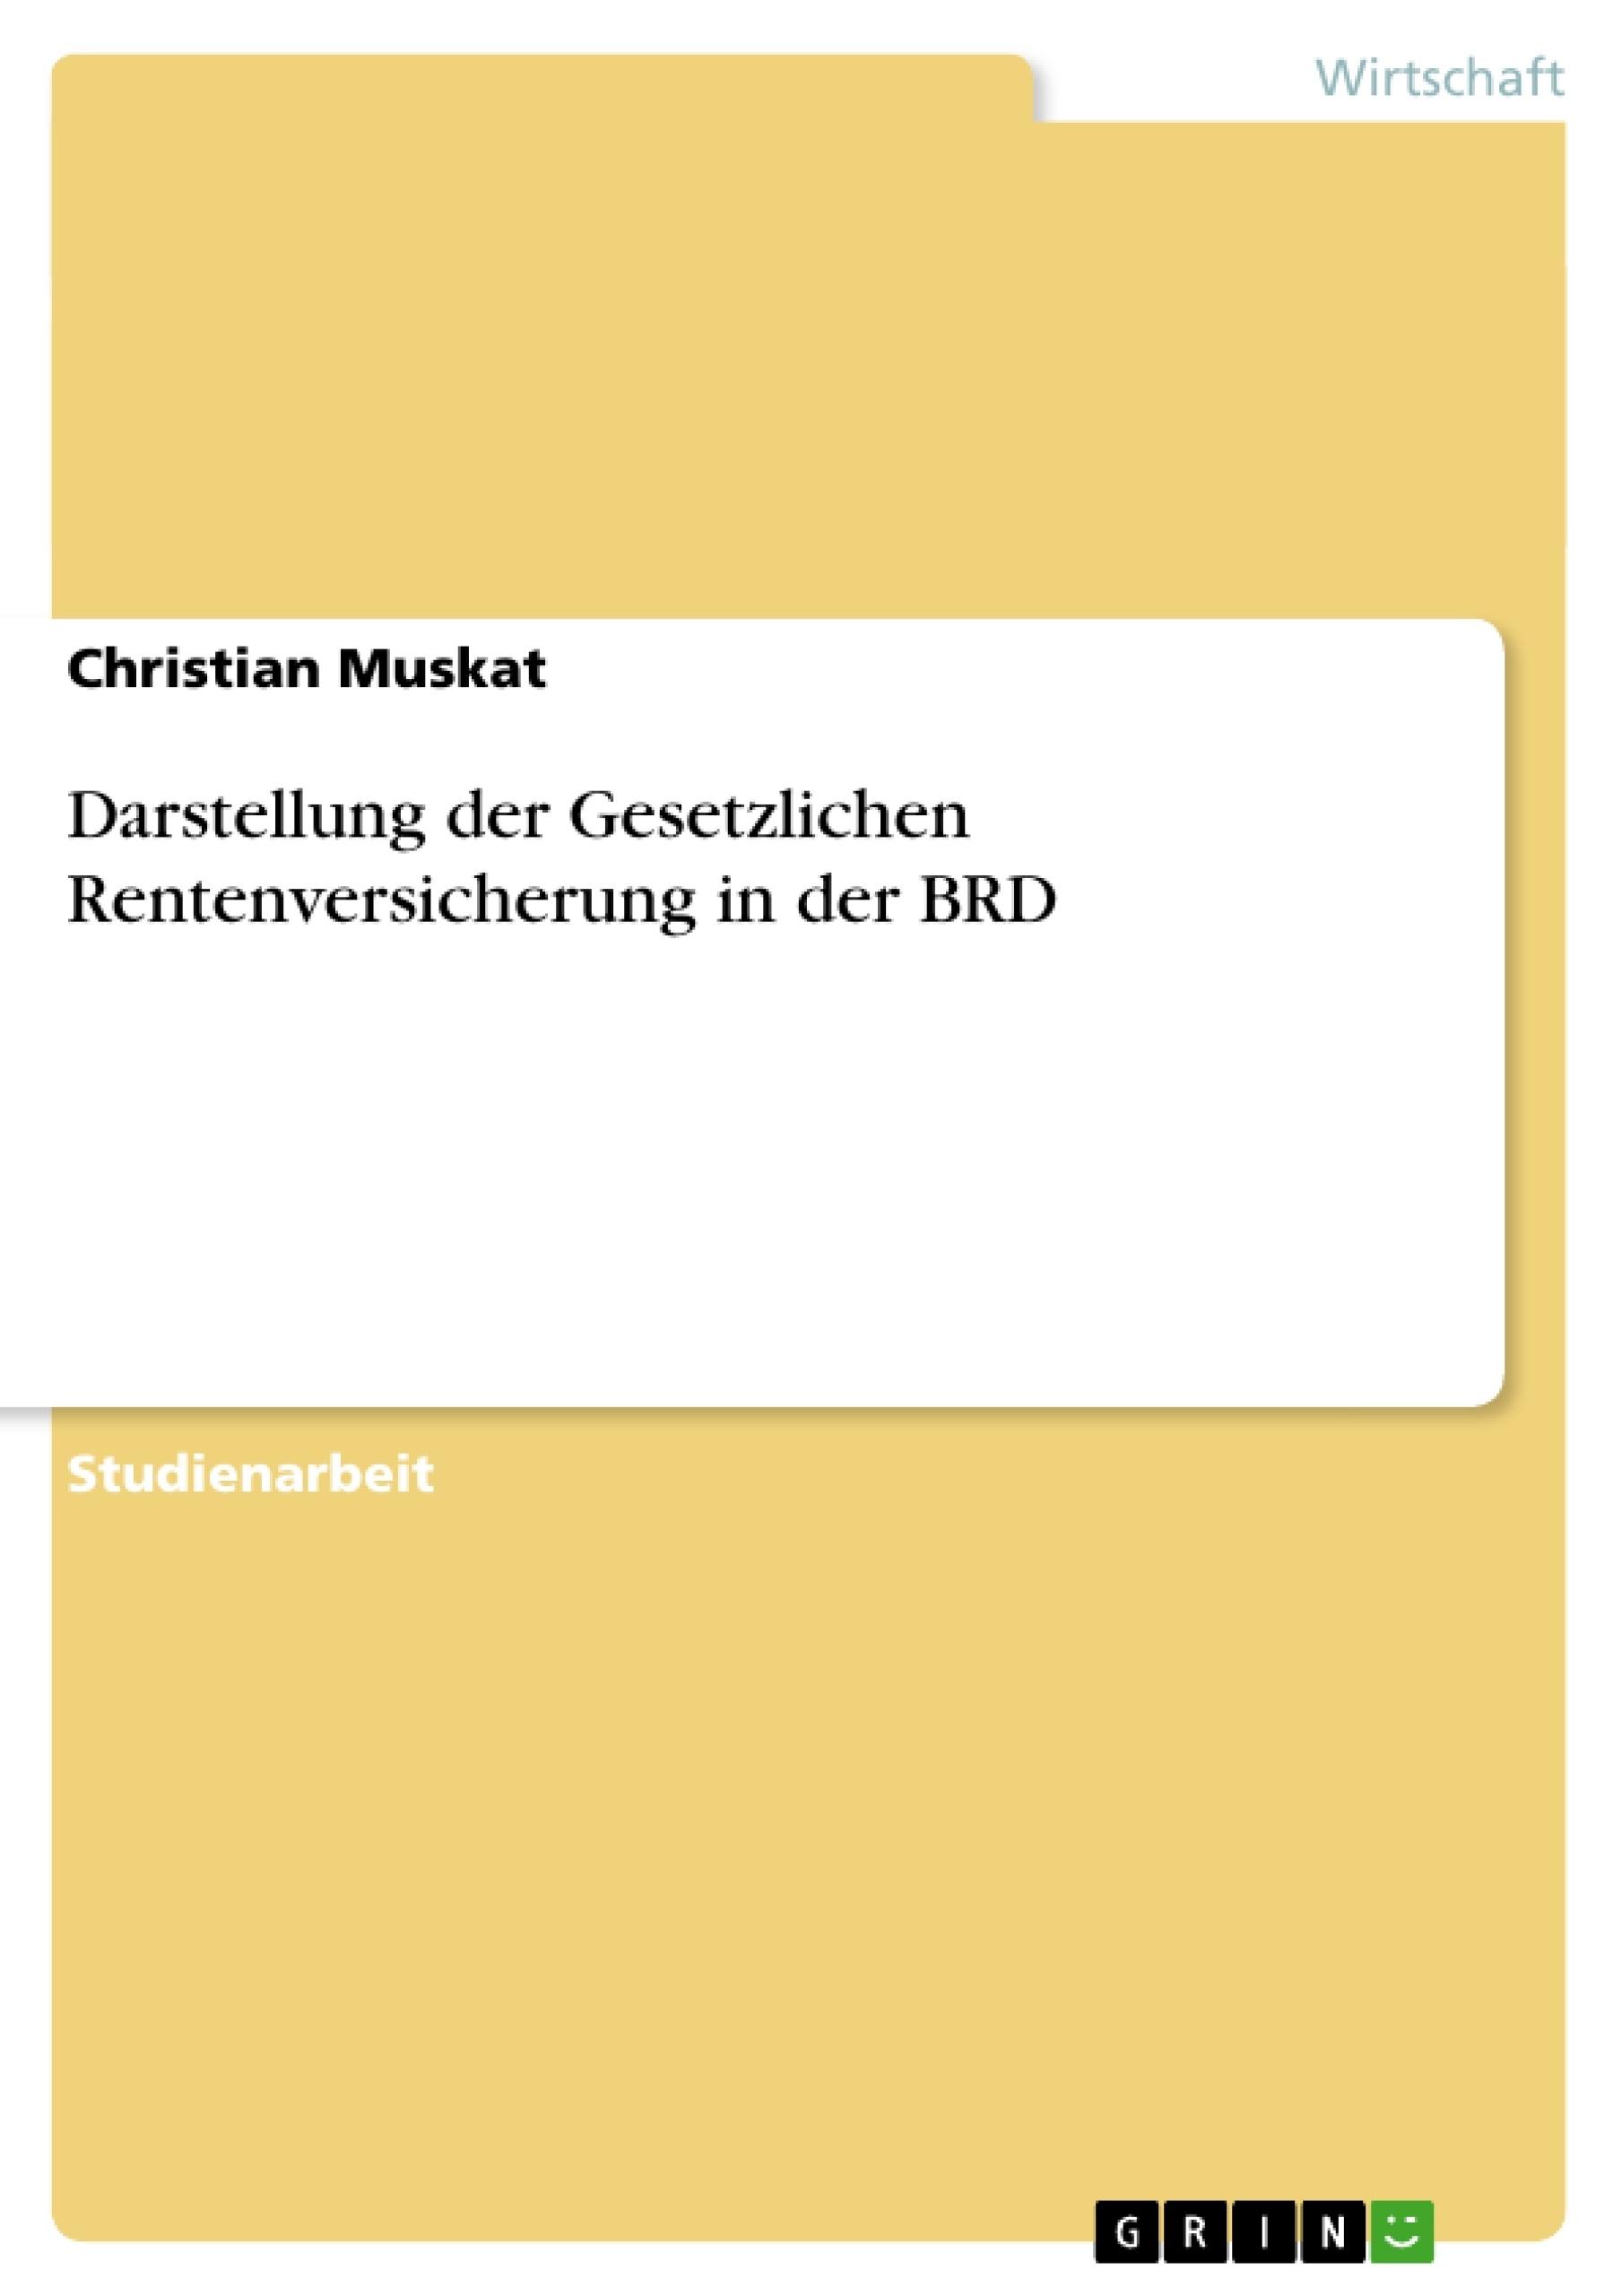 Titel: Darstellung der Gesetzlichen Rentenversicherung in der BRD